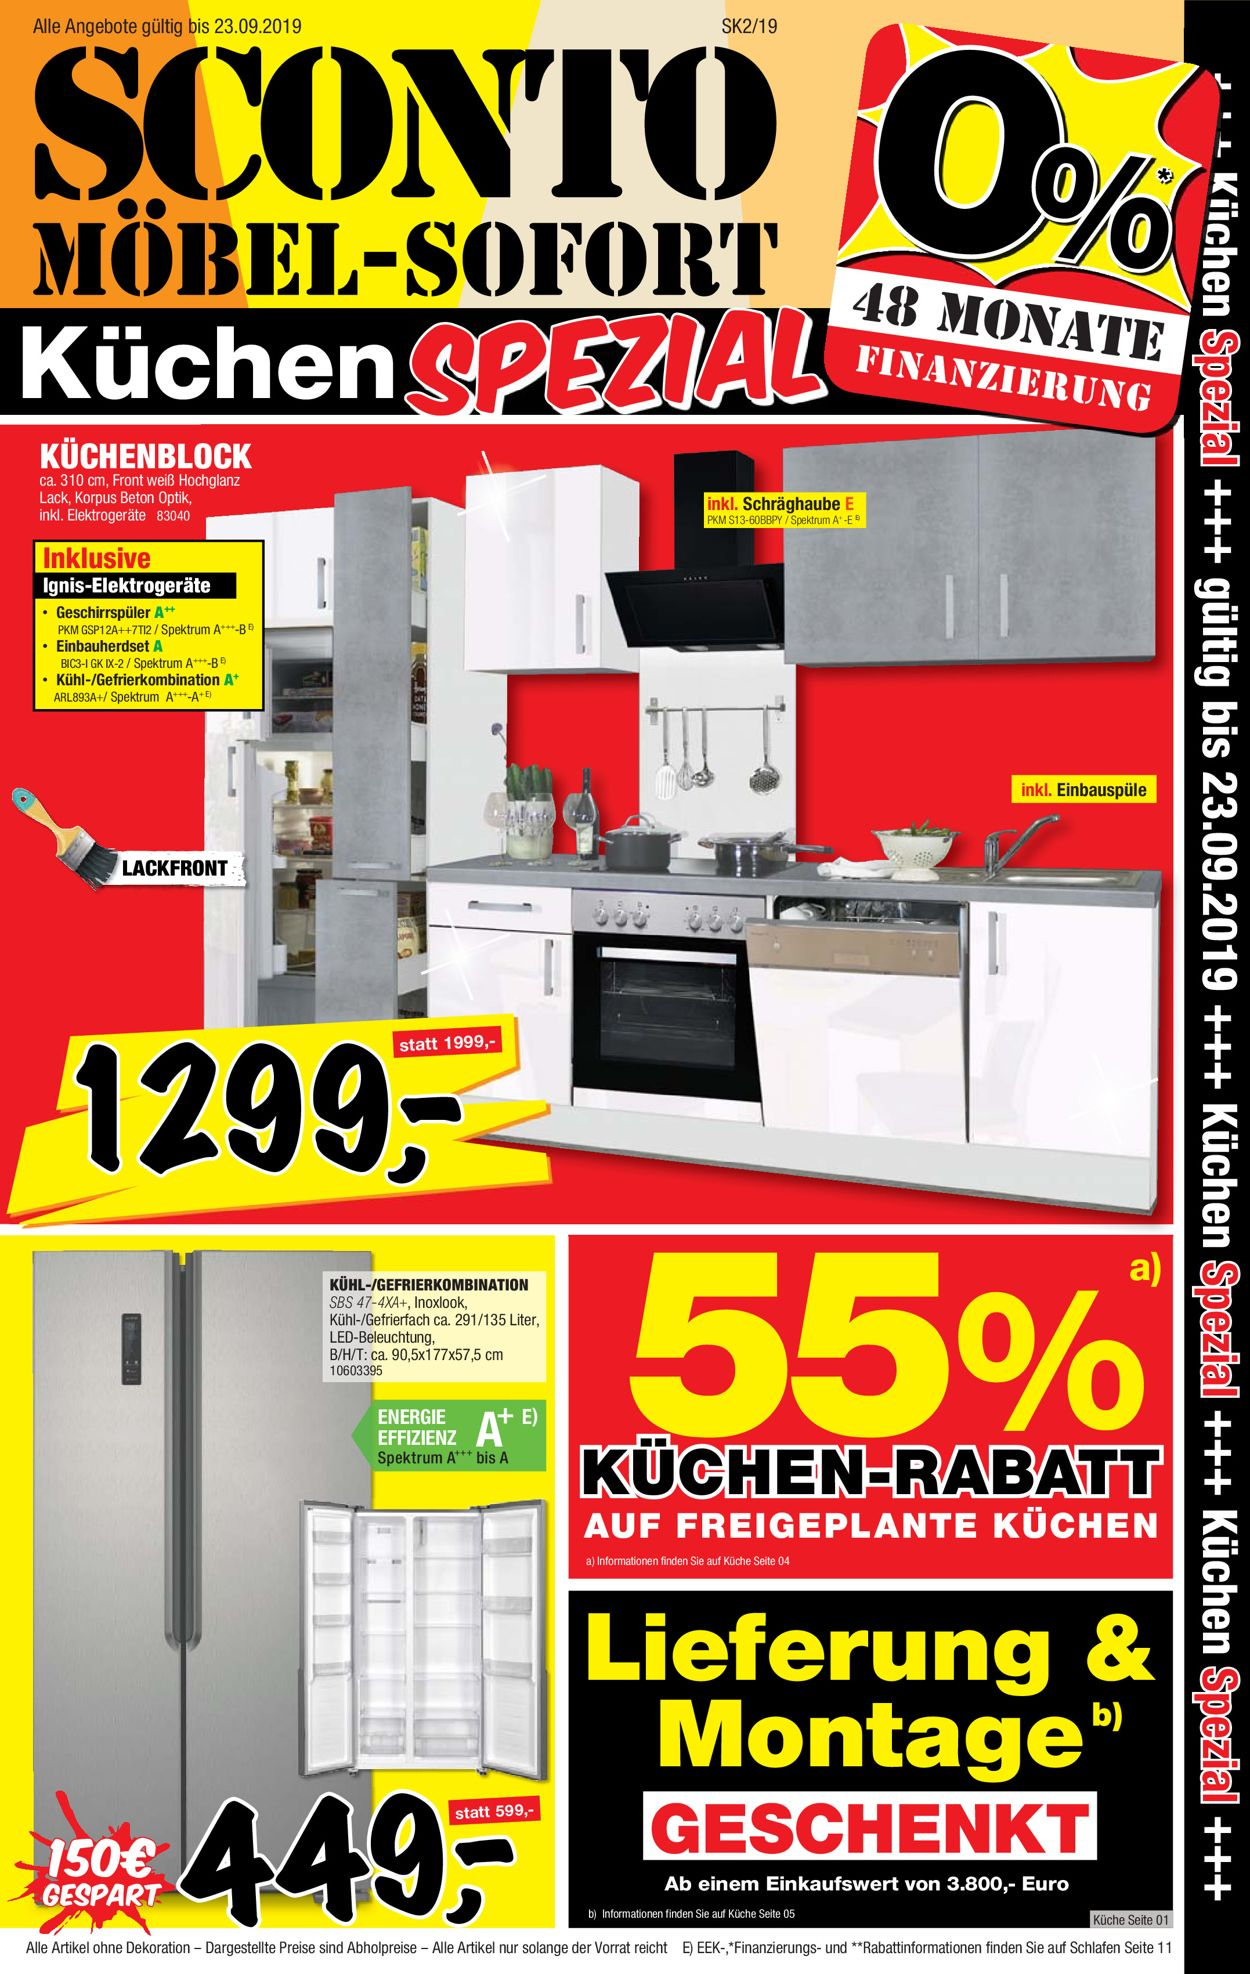 Full Size of Sconto Küchen Aktueller Prospekt 0309 23092019 20 Jedewoche Regal Wohnzimmer Sconto Küchen